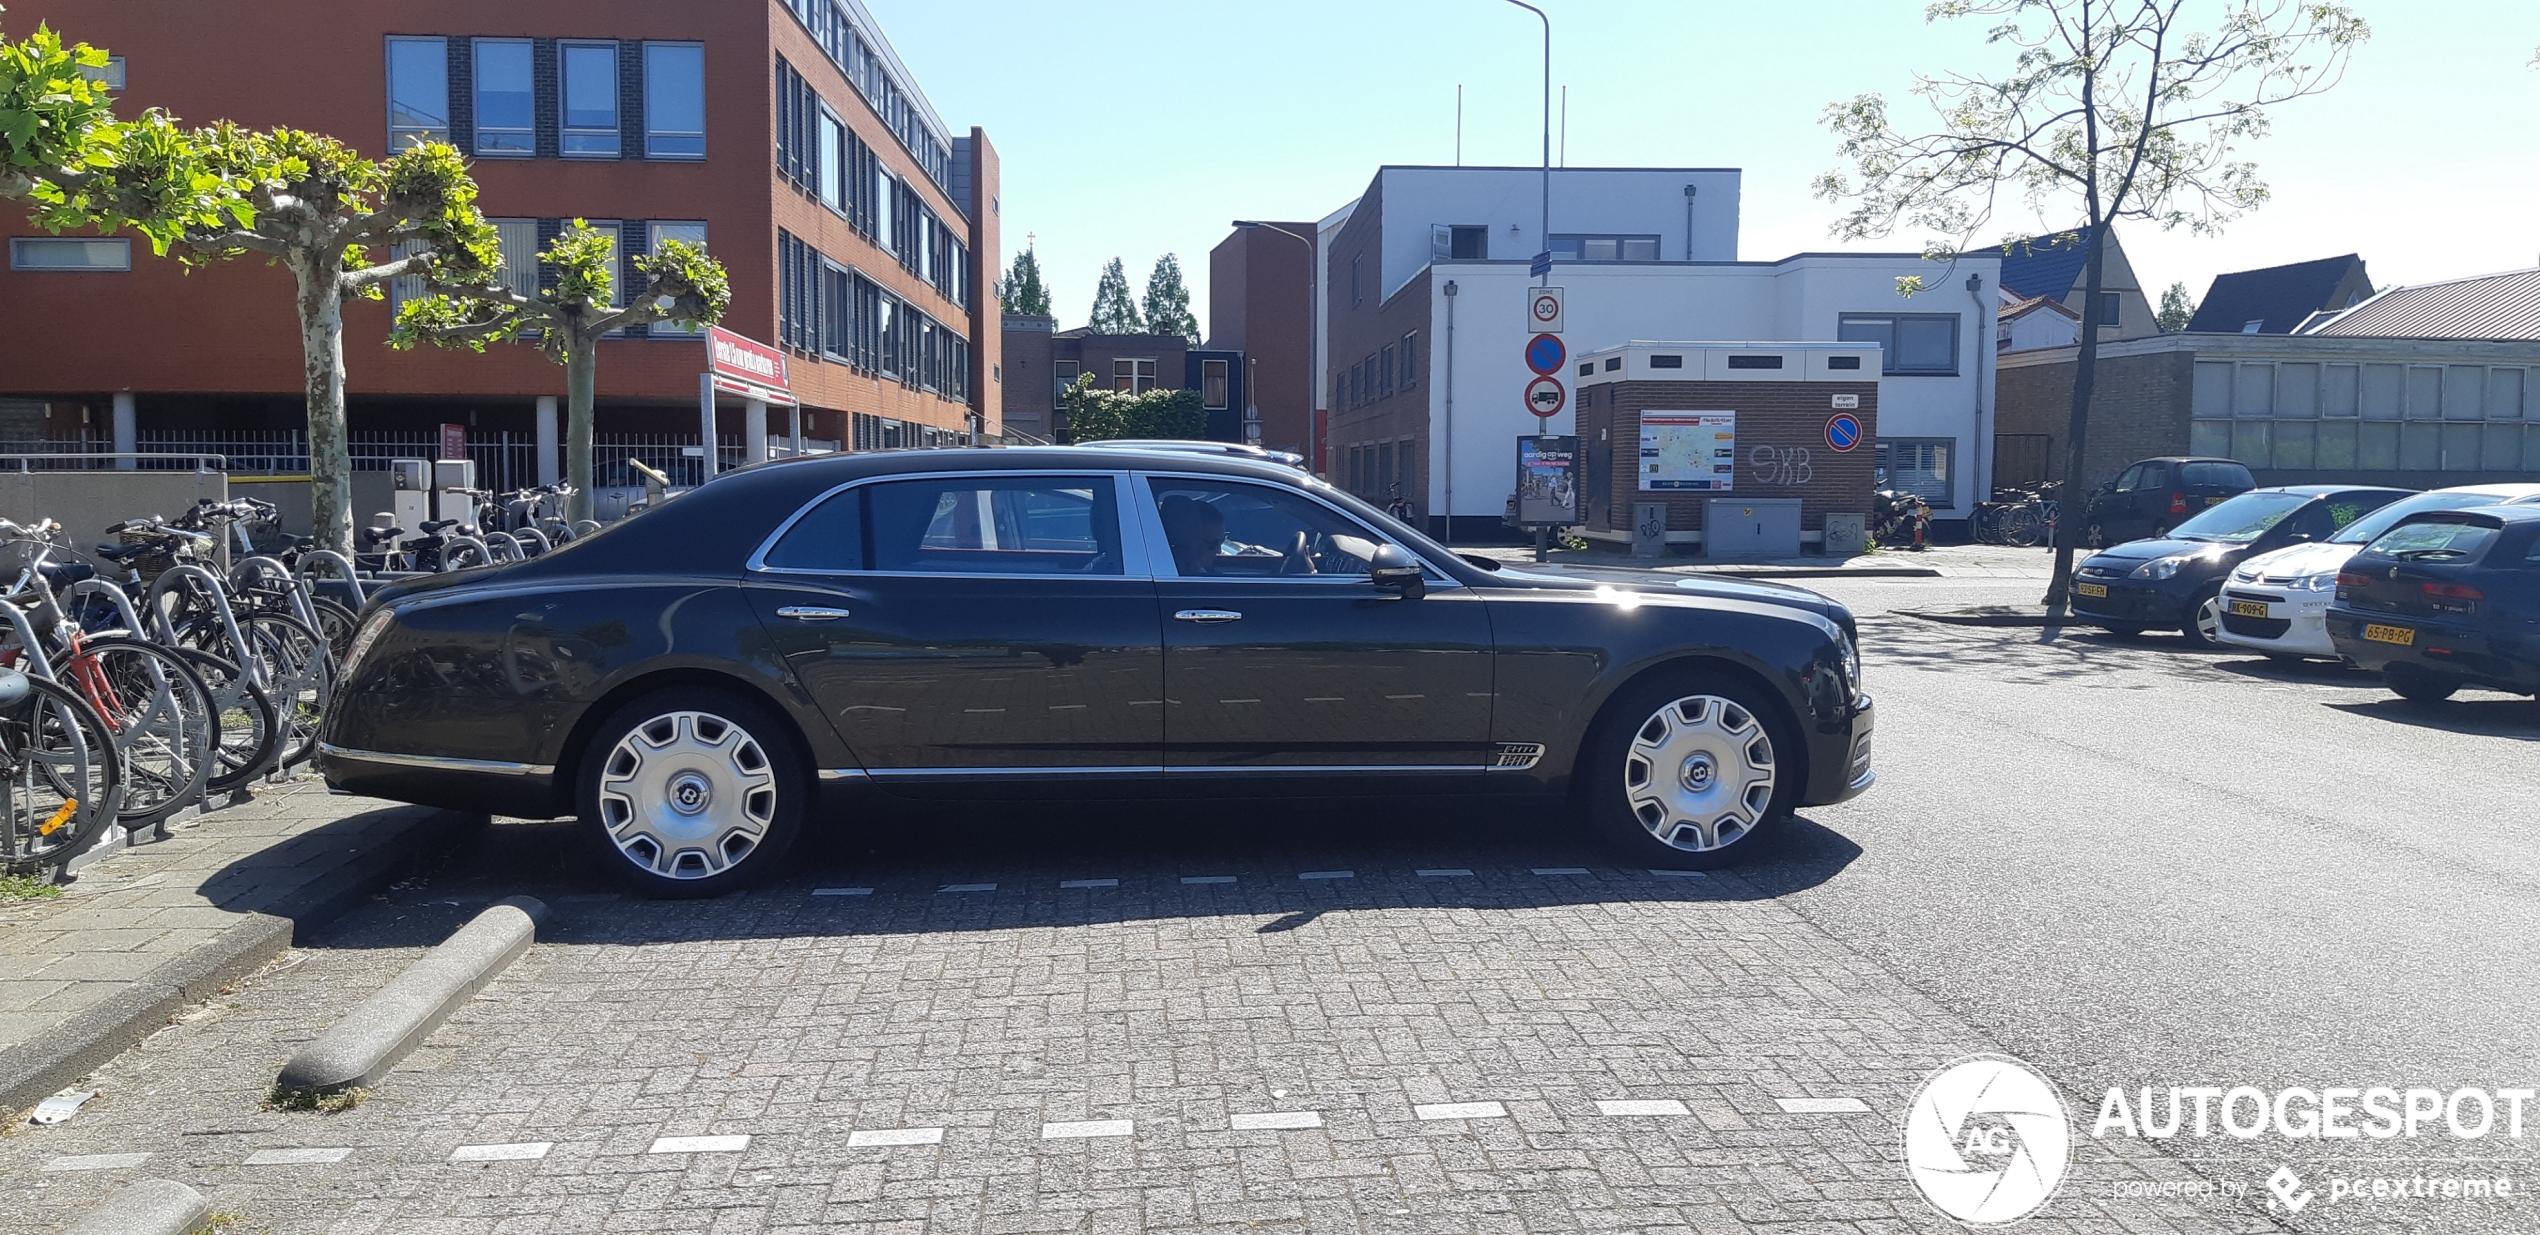 Ongeschikt voor de gewone parkeerplaats: Bentley Mulsanne EWB